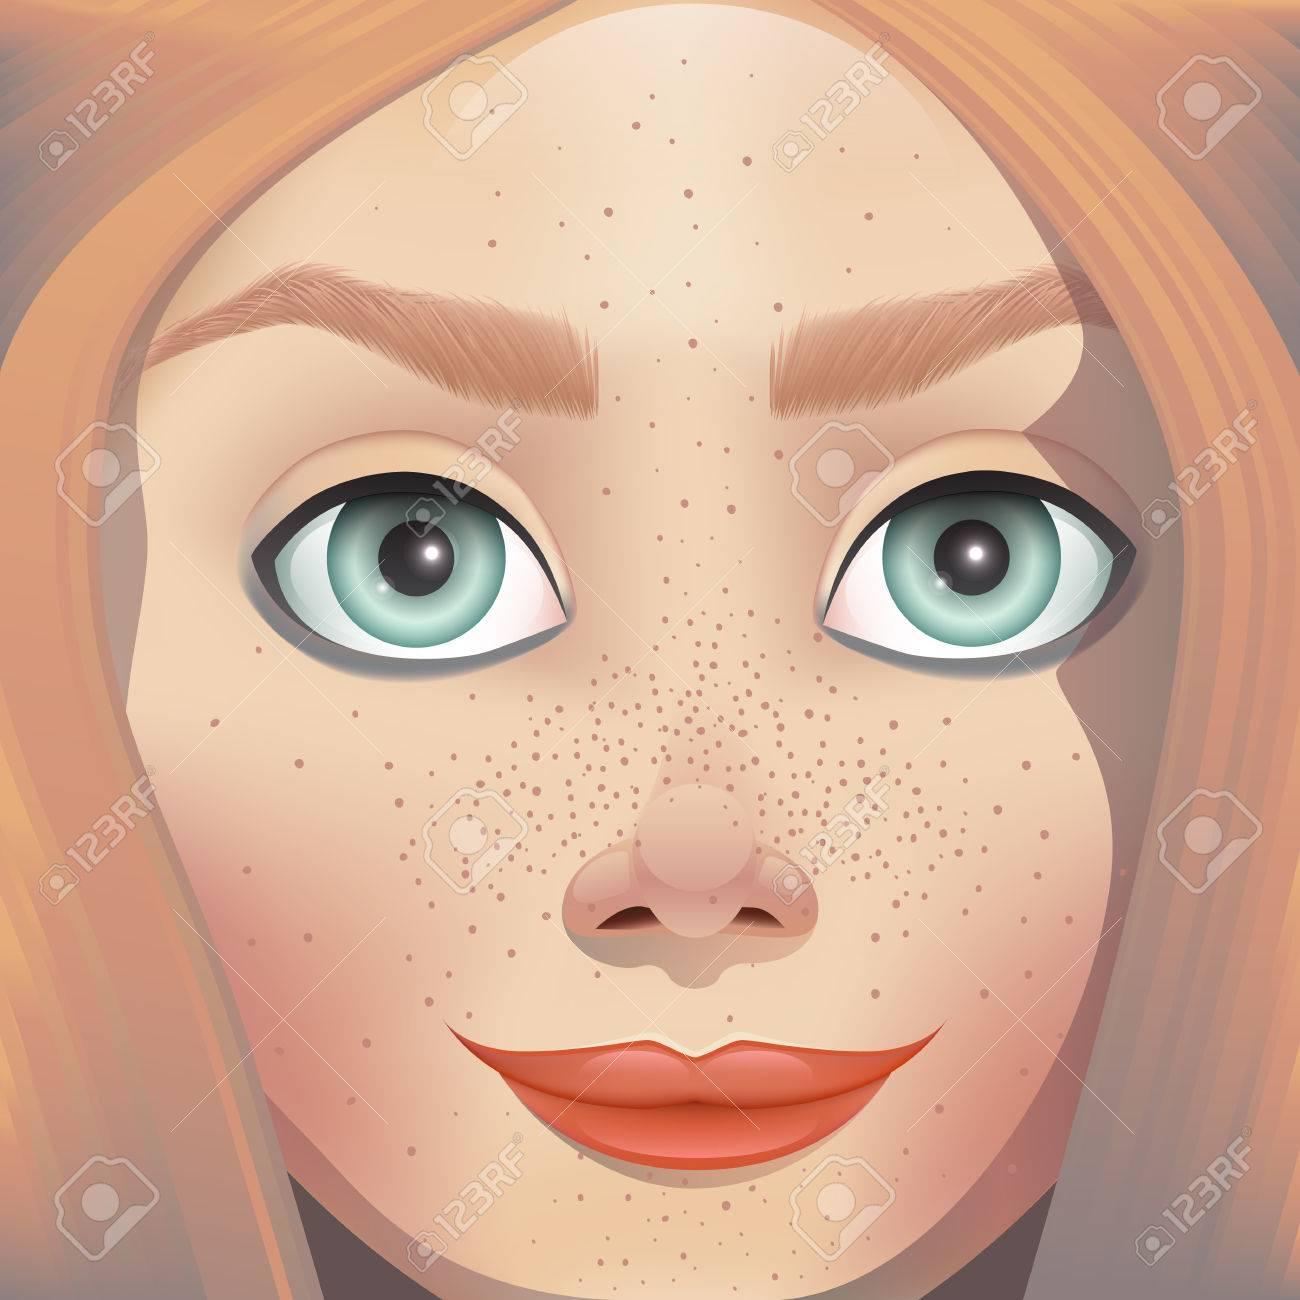 Gesichts-Chat mit Mädchen